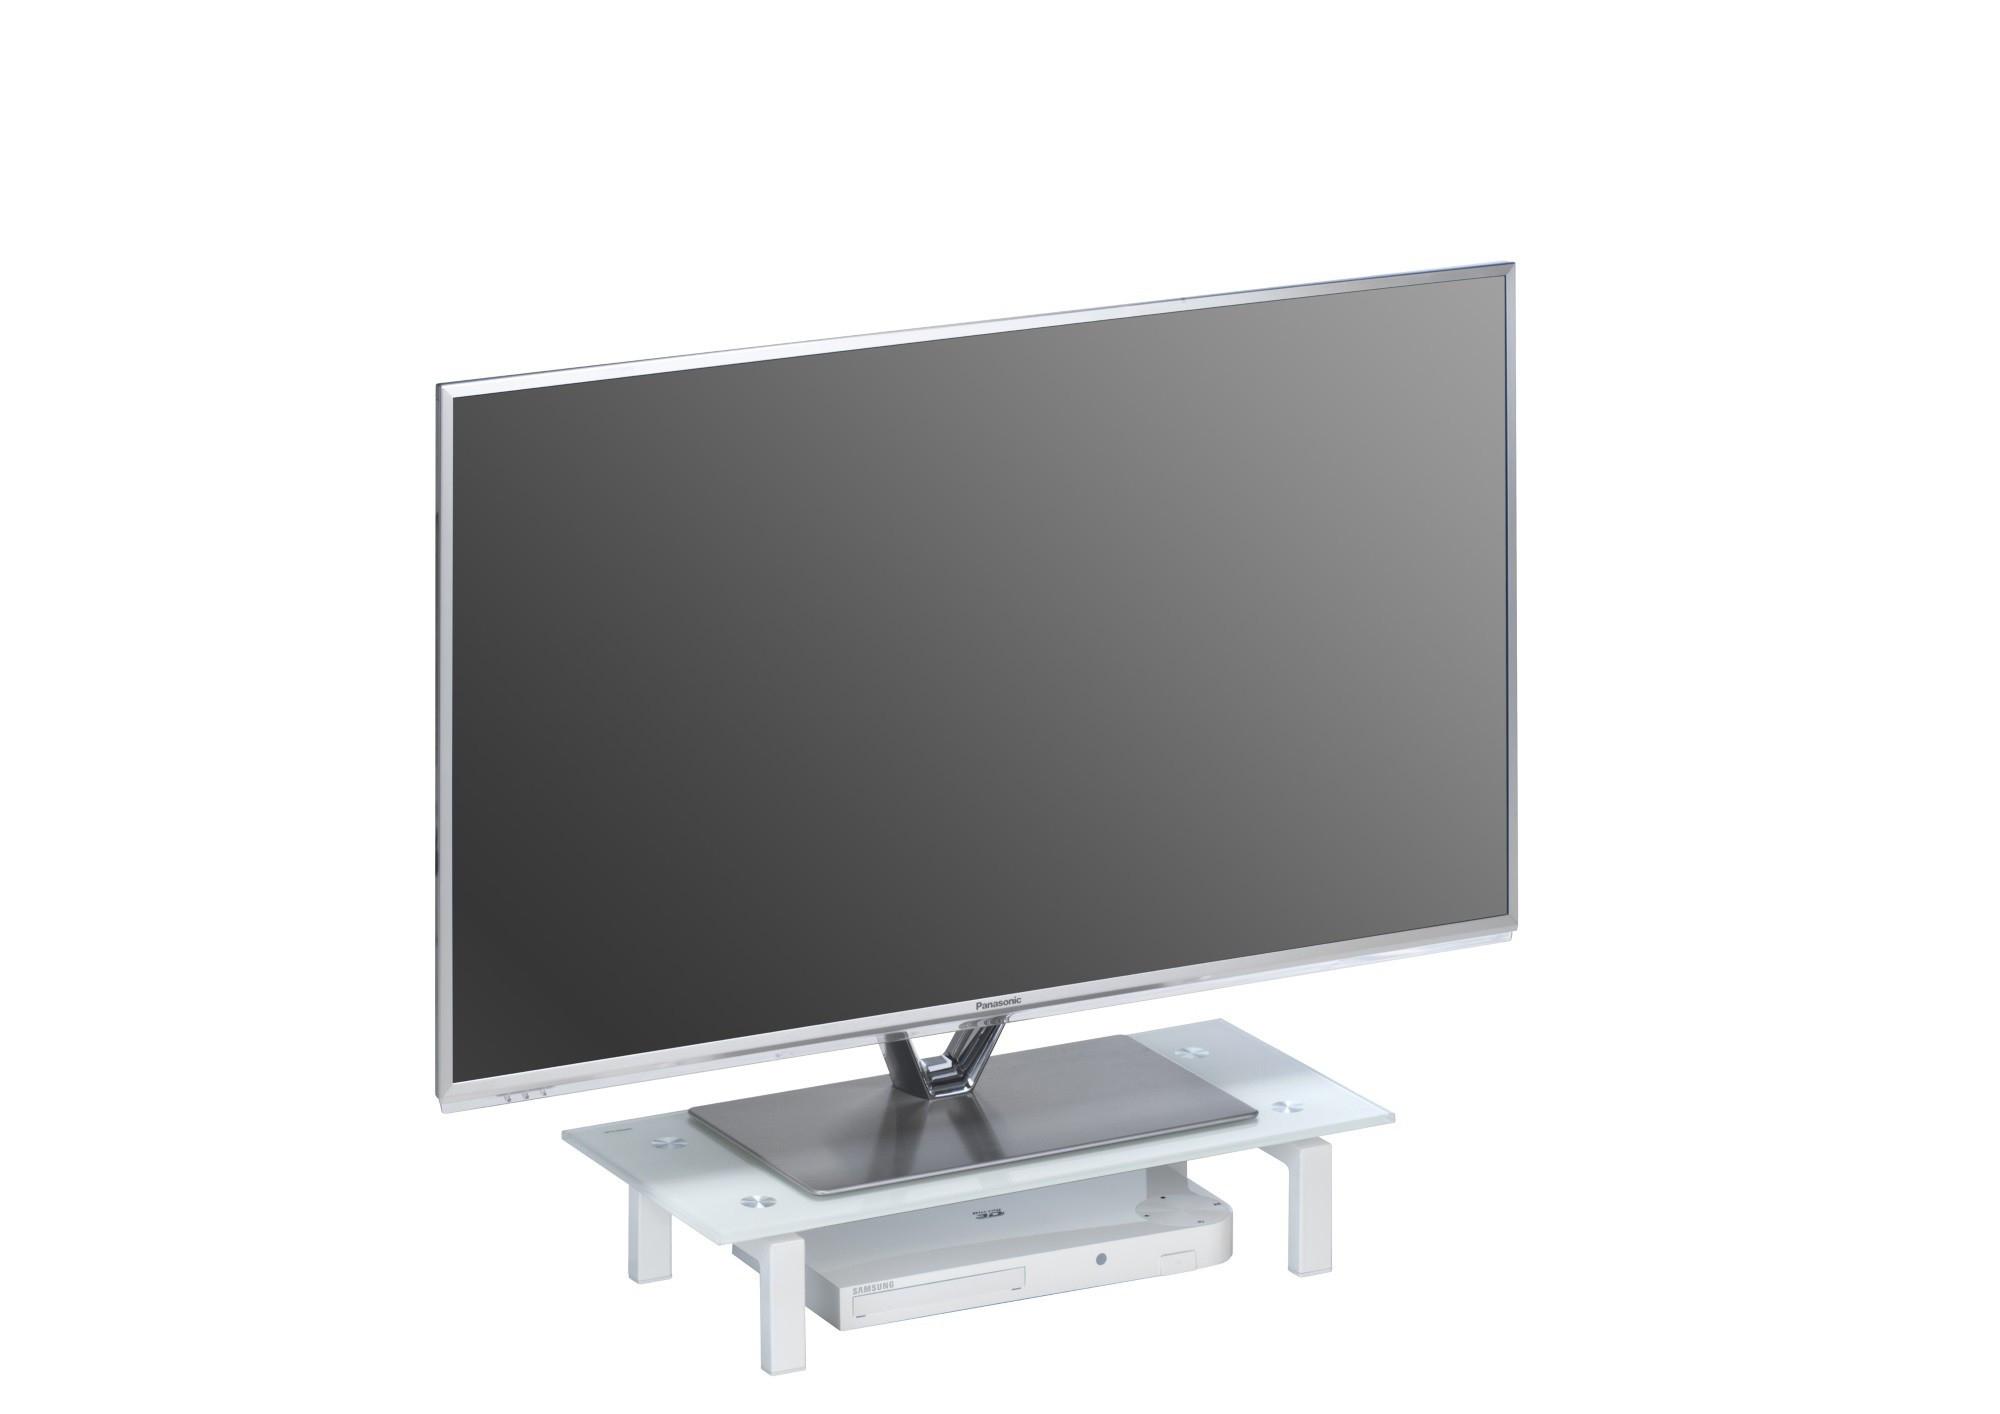 Meuble Tv Camif Luxe Photos Unique 40 De Conforama Television soldes Conception